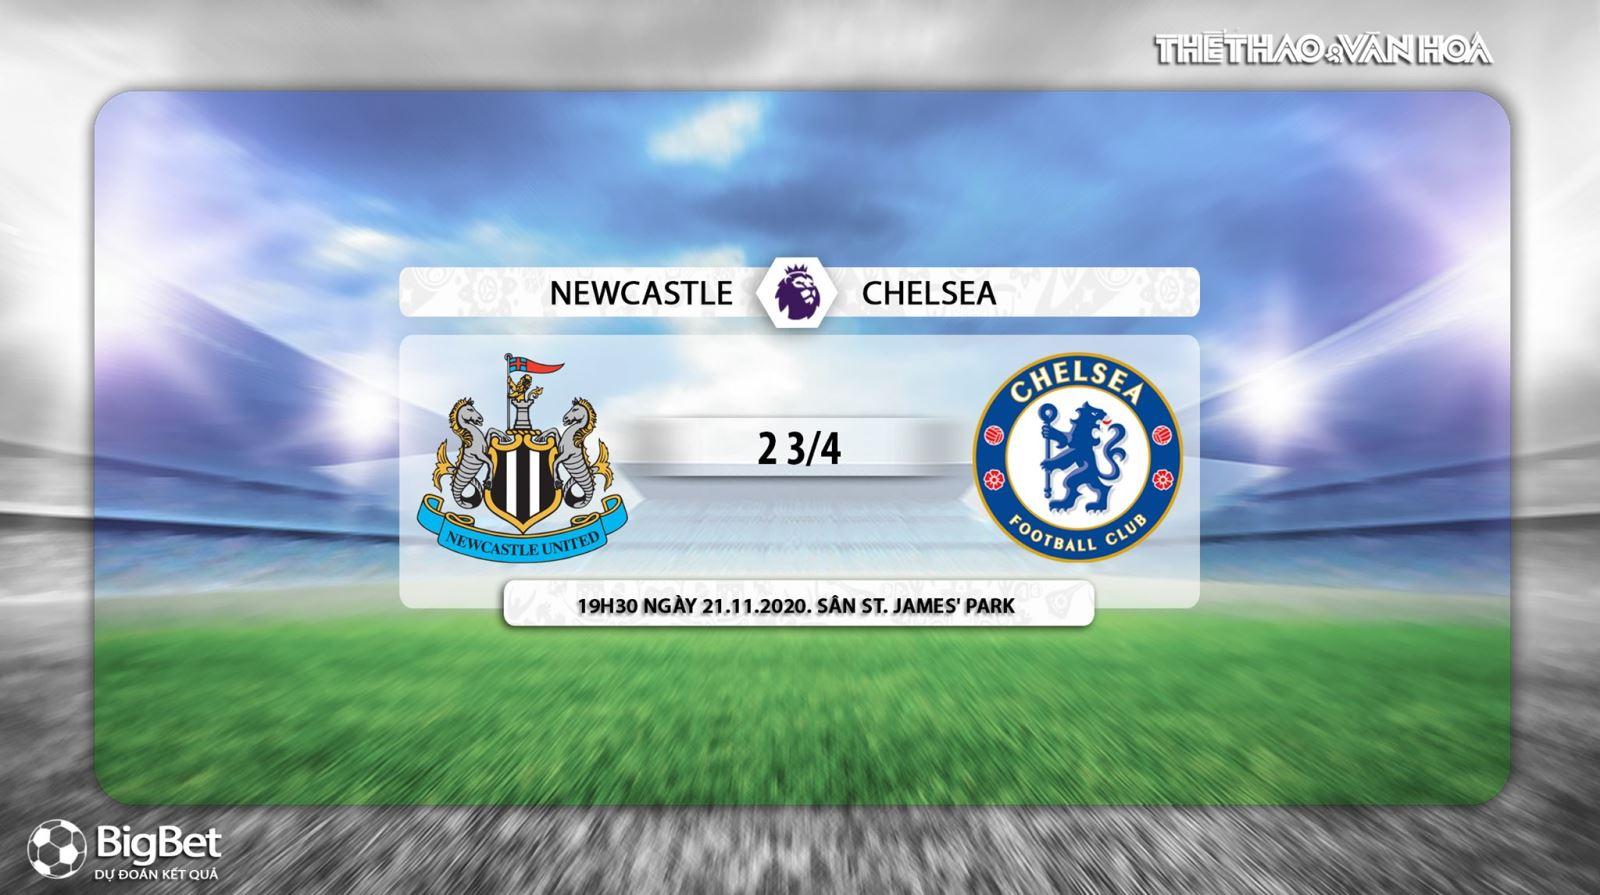 Keo nha cai, Kèo nhà cái, Newcastle vs Chelsea, Trực tiếp bóng đá, Ngoại hạng Anh, K+, Xem K+PM, Vòng 9 Giải ngoại hạng Anh, Trực tiếp Newcastle đấu với Chelsea